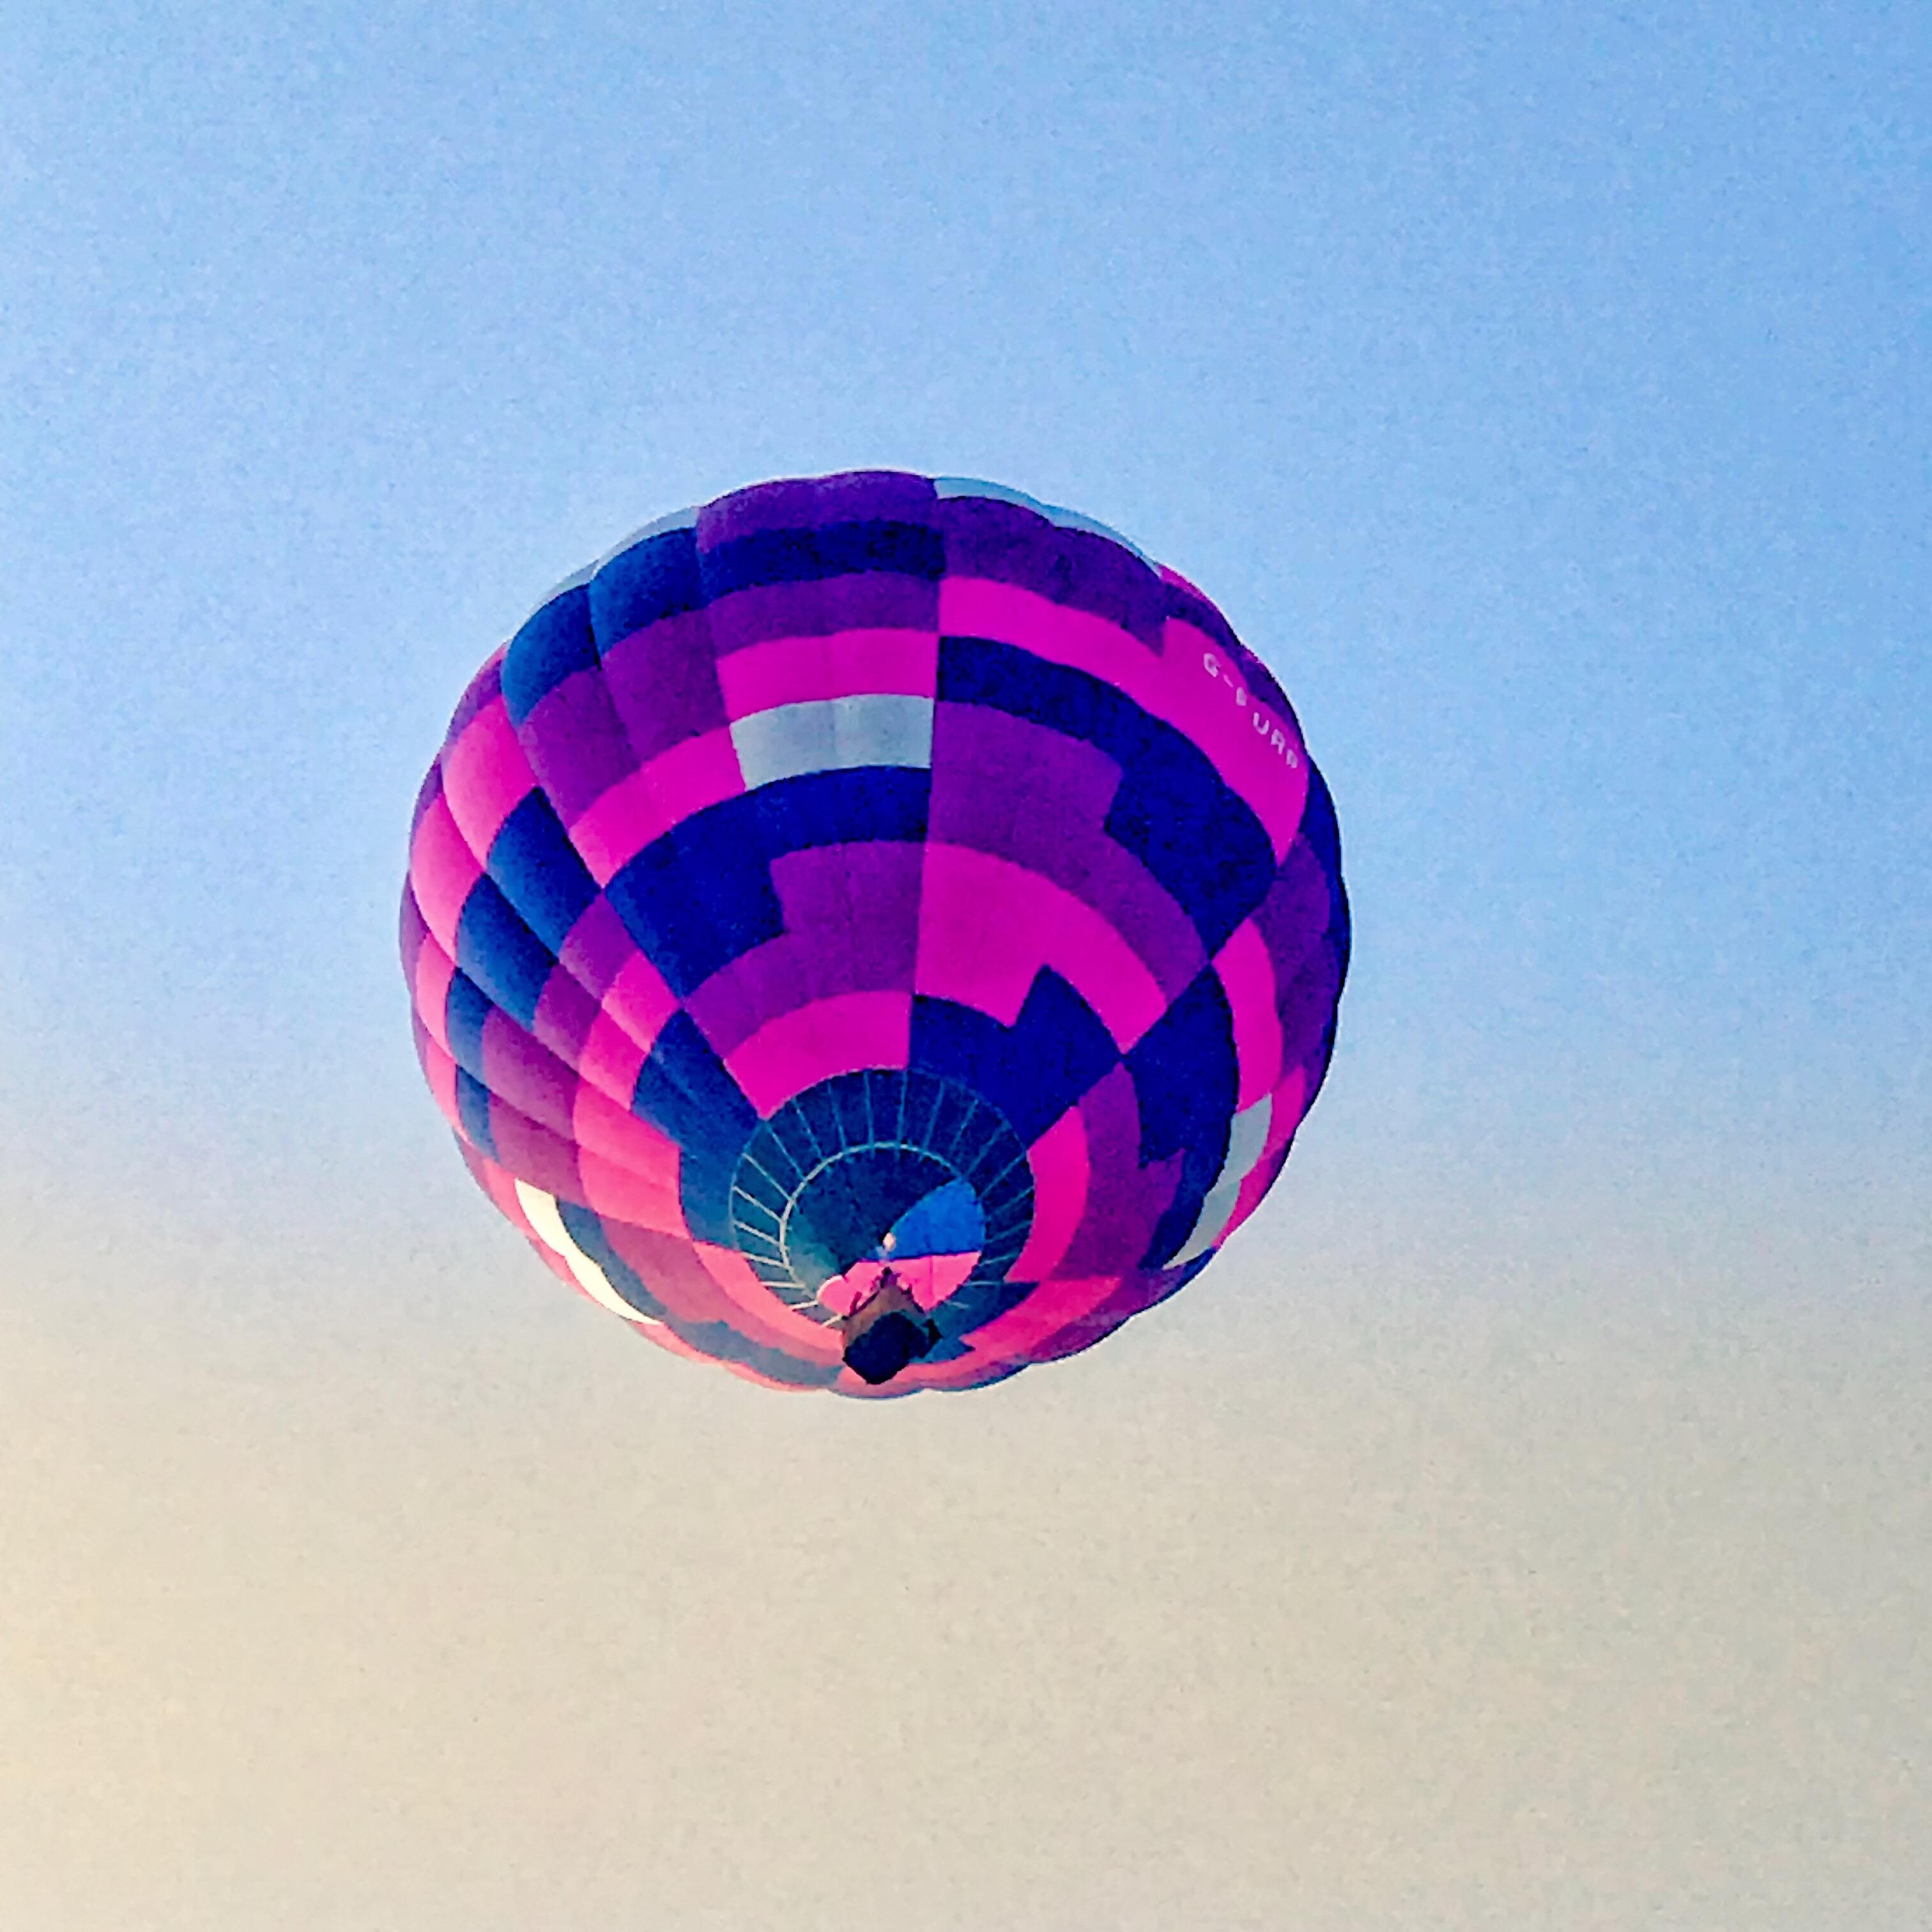 Hot Air Balloon Towcester